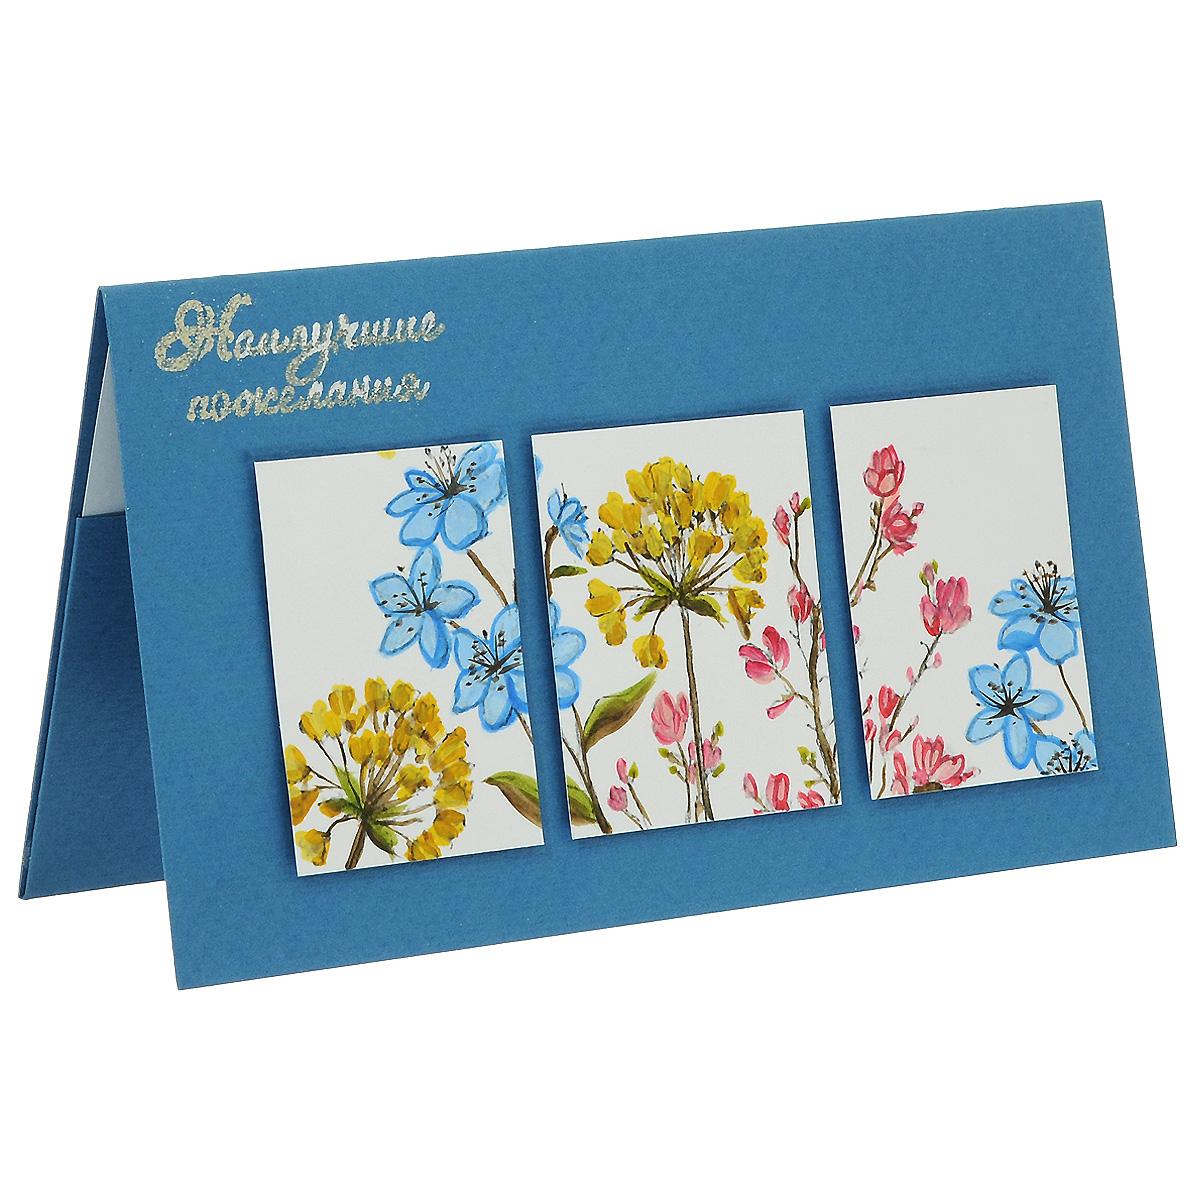 ОЖ-0024 Открытка-конверт «Наилучшие пожелания» (триптих голубой). Студия «Тётя Роза»Винтажные открытки №97Характеристики: Размер 19 см x 11 см. Материал: Высоко-художественный картон, бумага, декор. Данная открытка может стать как прекрасным дополнением к вашему подарку, так и самостоятельным подарком. Так как открытка является и конвертом, в который вы можете вложить ваш денежный подарок или просто написать ваши пожелания на вкладыше. Дизайн этой открытки сложился из использования рукописного триптиха с цветочным мотивом полевых трав. В простоте решения этого поздравления заложена выразительность восприятия. Цветы прорисованы вручную акриловыми красками. Надпись выполнена в технике горячего термоподъема. Также открытка упакована в пакетик для сохранности. Обращаем Ваше внимание на то, что открытка может незначительно отличаться от представленной на фото.